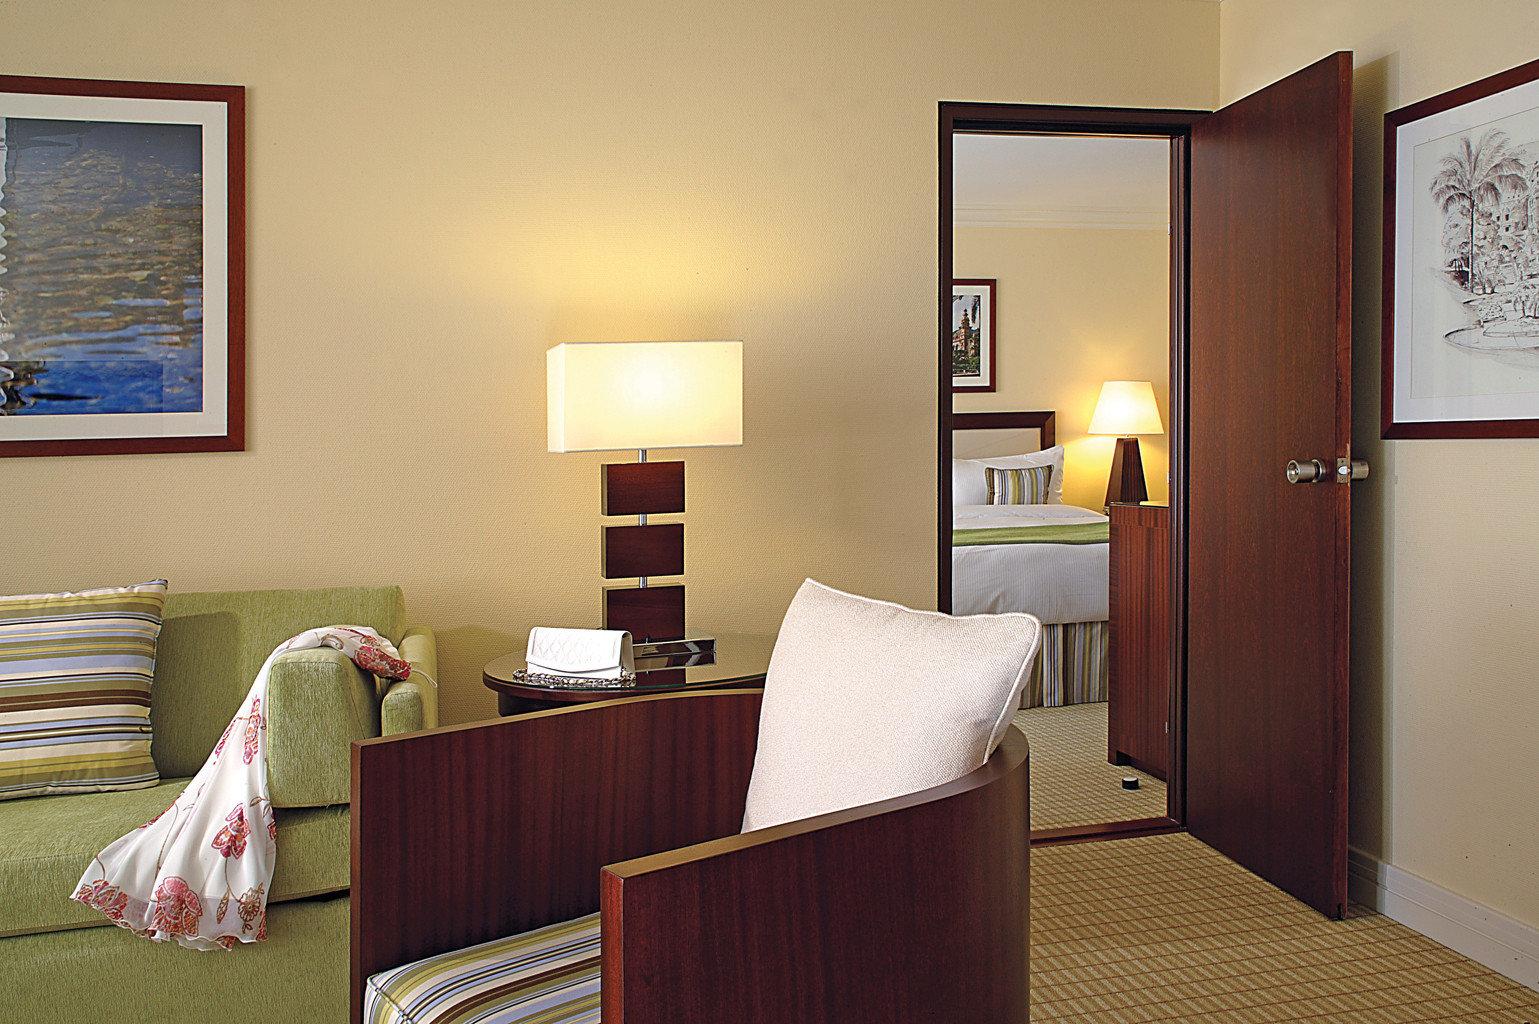 Bedroom Resort property Suite home cottage living room lamp